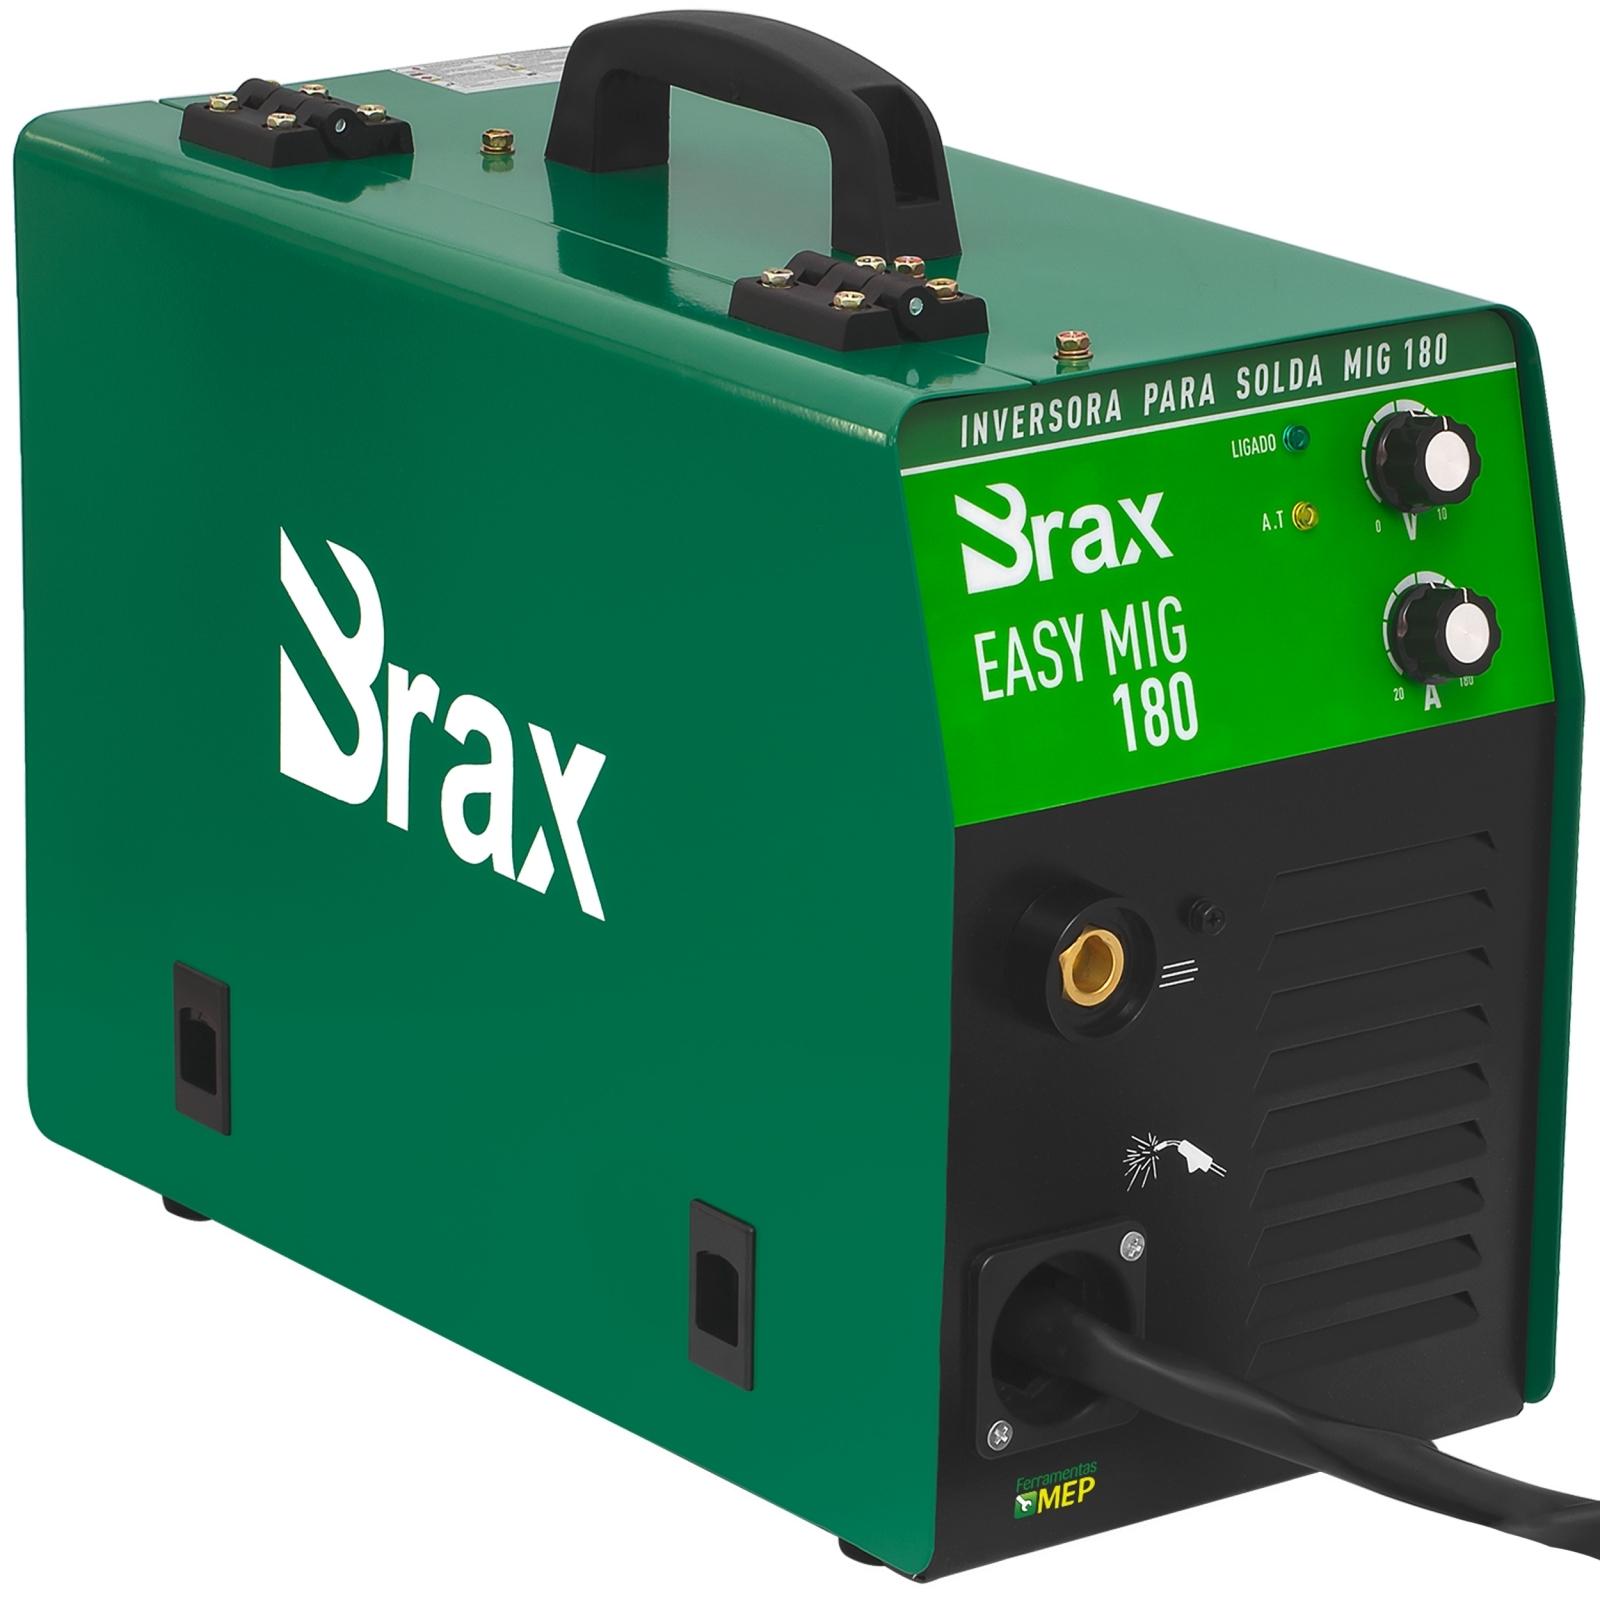 Máquina De Solda Mig Mag  Brax Soldas Easy Mig 180 Completa - Ferramentas MEP